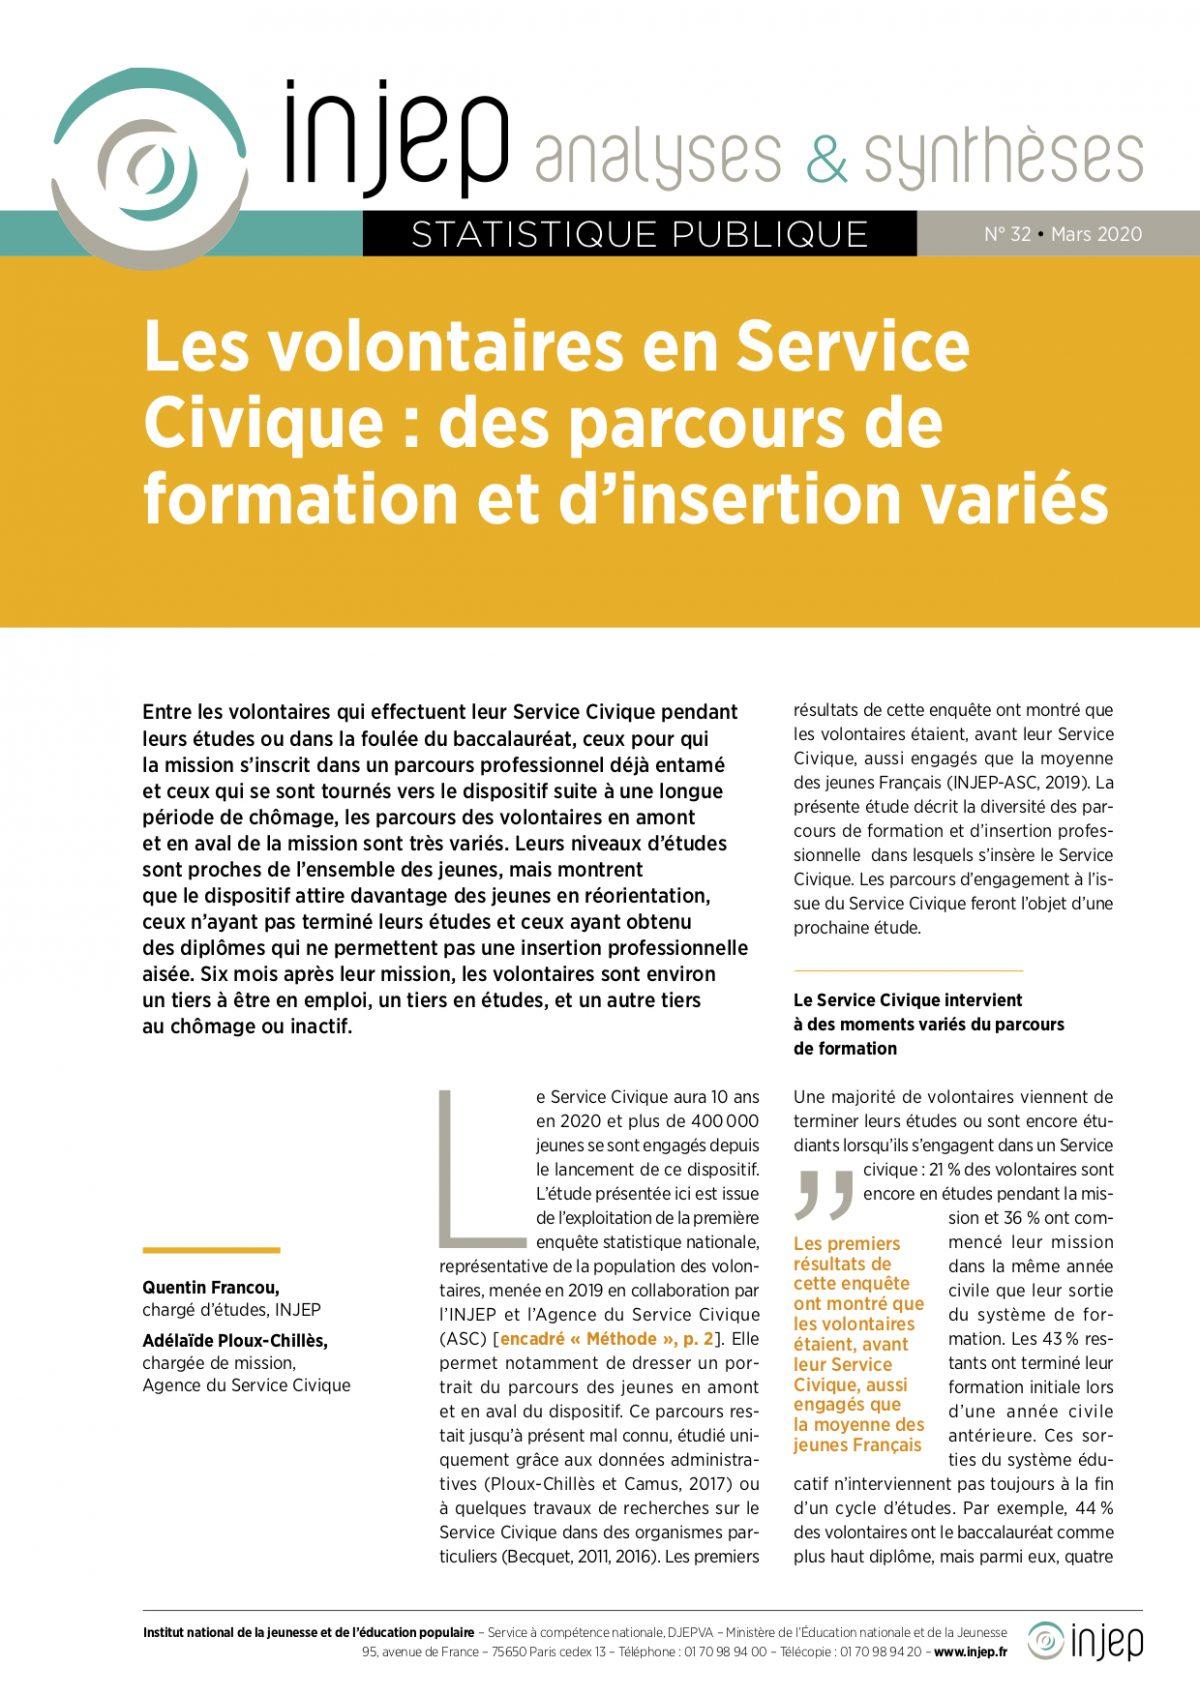 Les volontaires en Service Civique : des parcours de formation et d'insertion variés